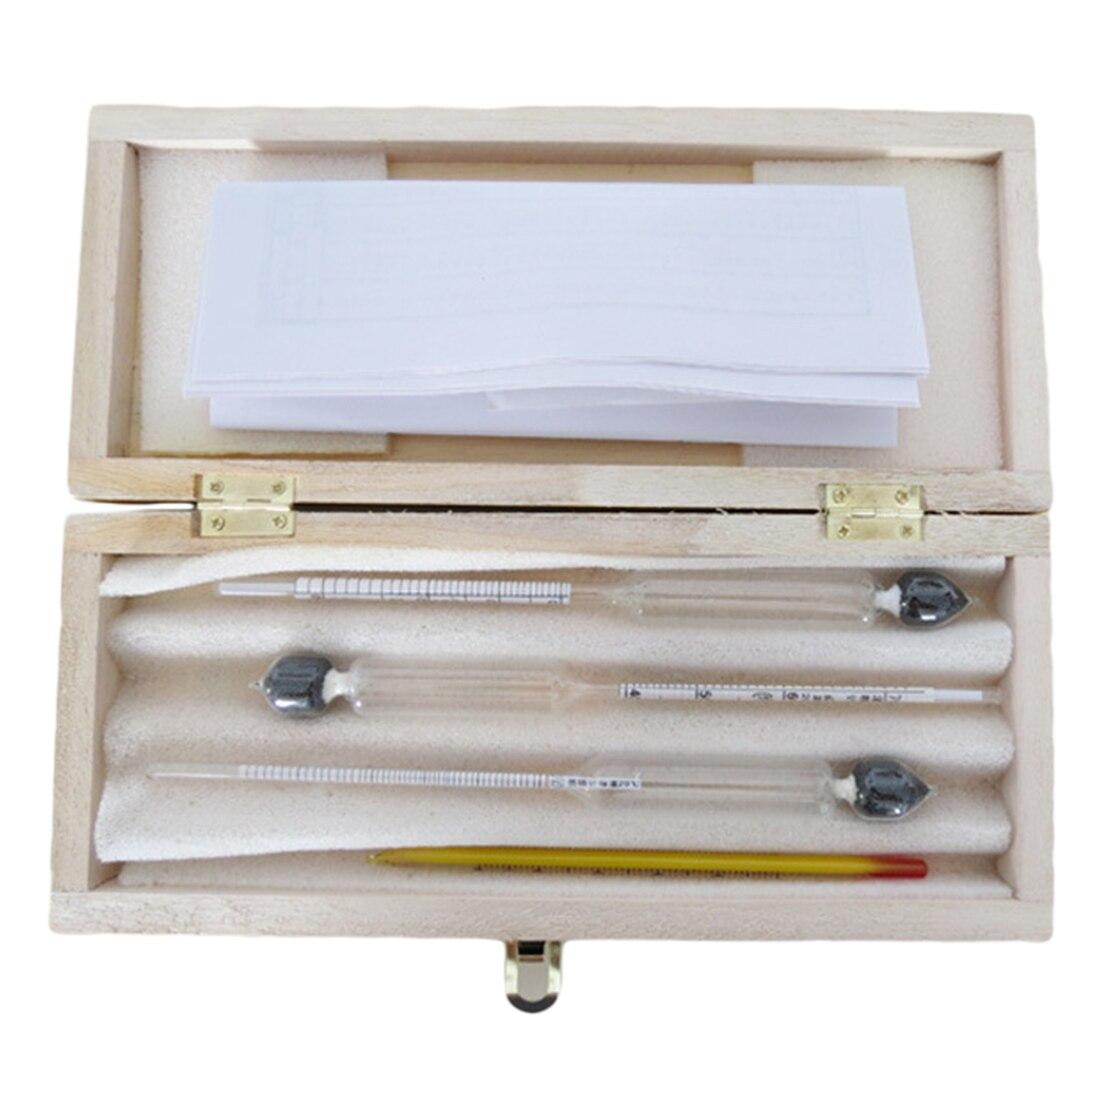 3 unids/set alcoholímetro medidor de Alcohol Detector de Alcohol herramienta de medición de Alcohol probador de hidrómetro de vino